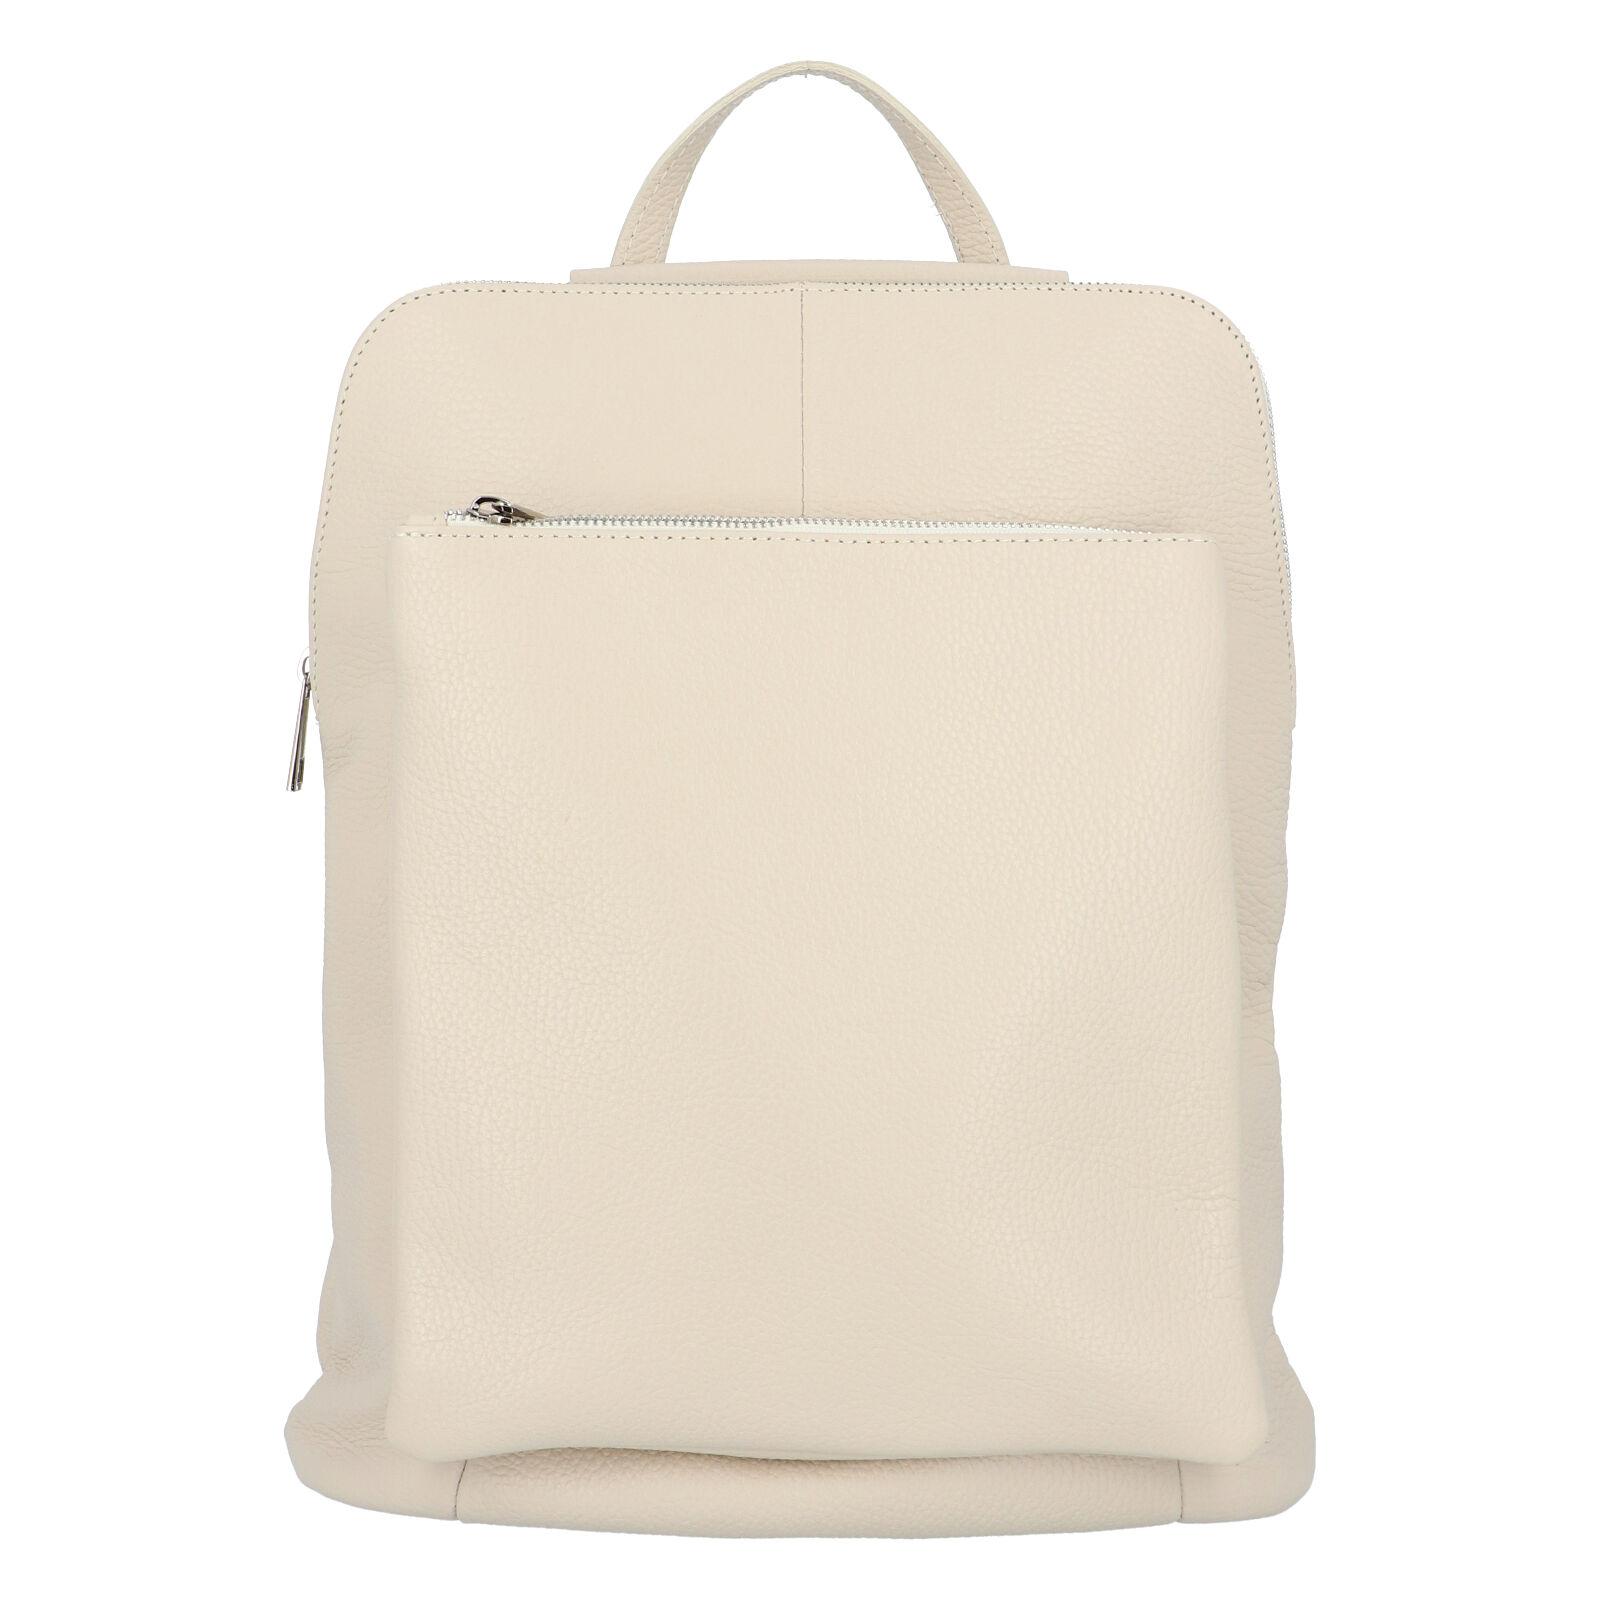 Dámský kožený batůžek kabelka béžový - ItalY Houtel